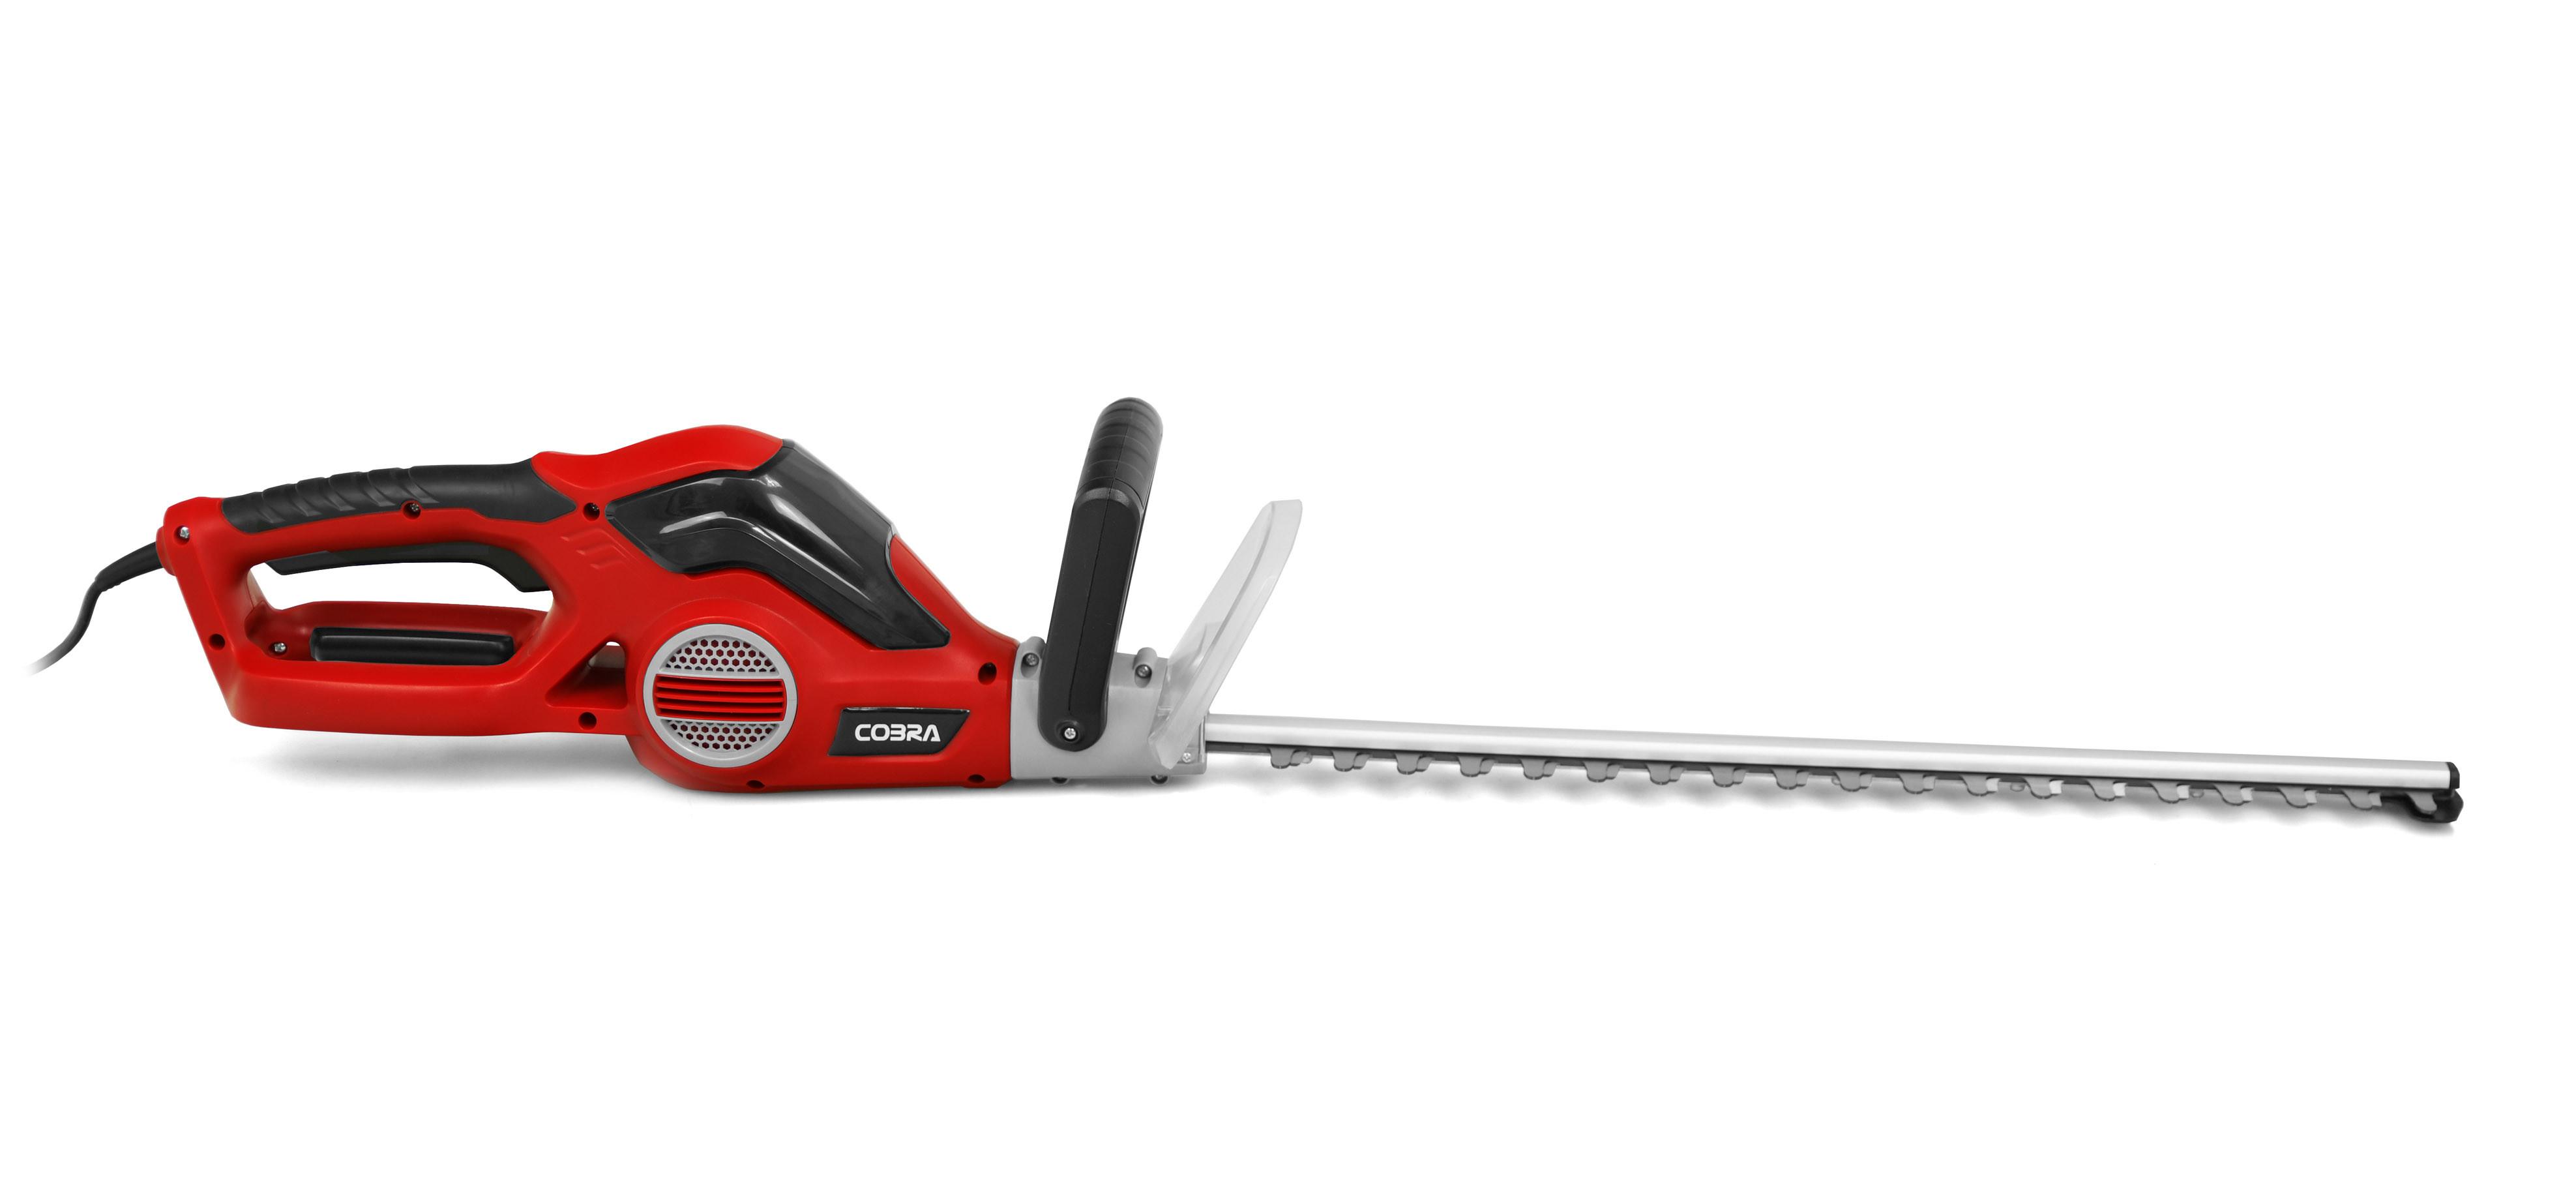 Cobra HT550E Hedgetrimmer